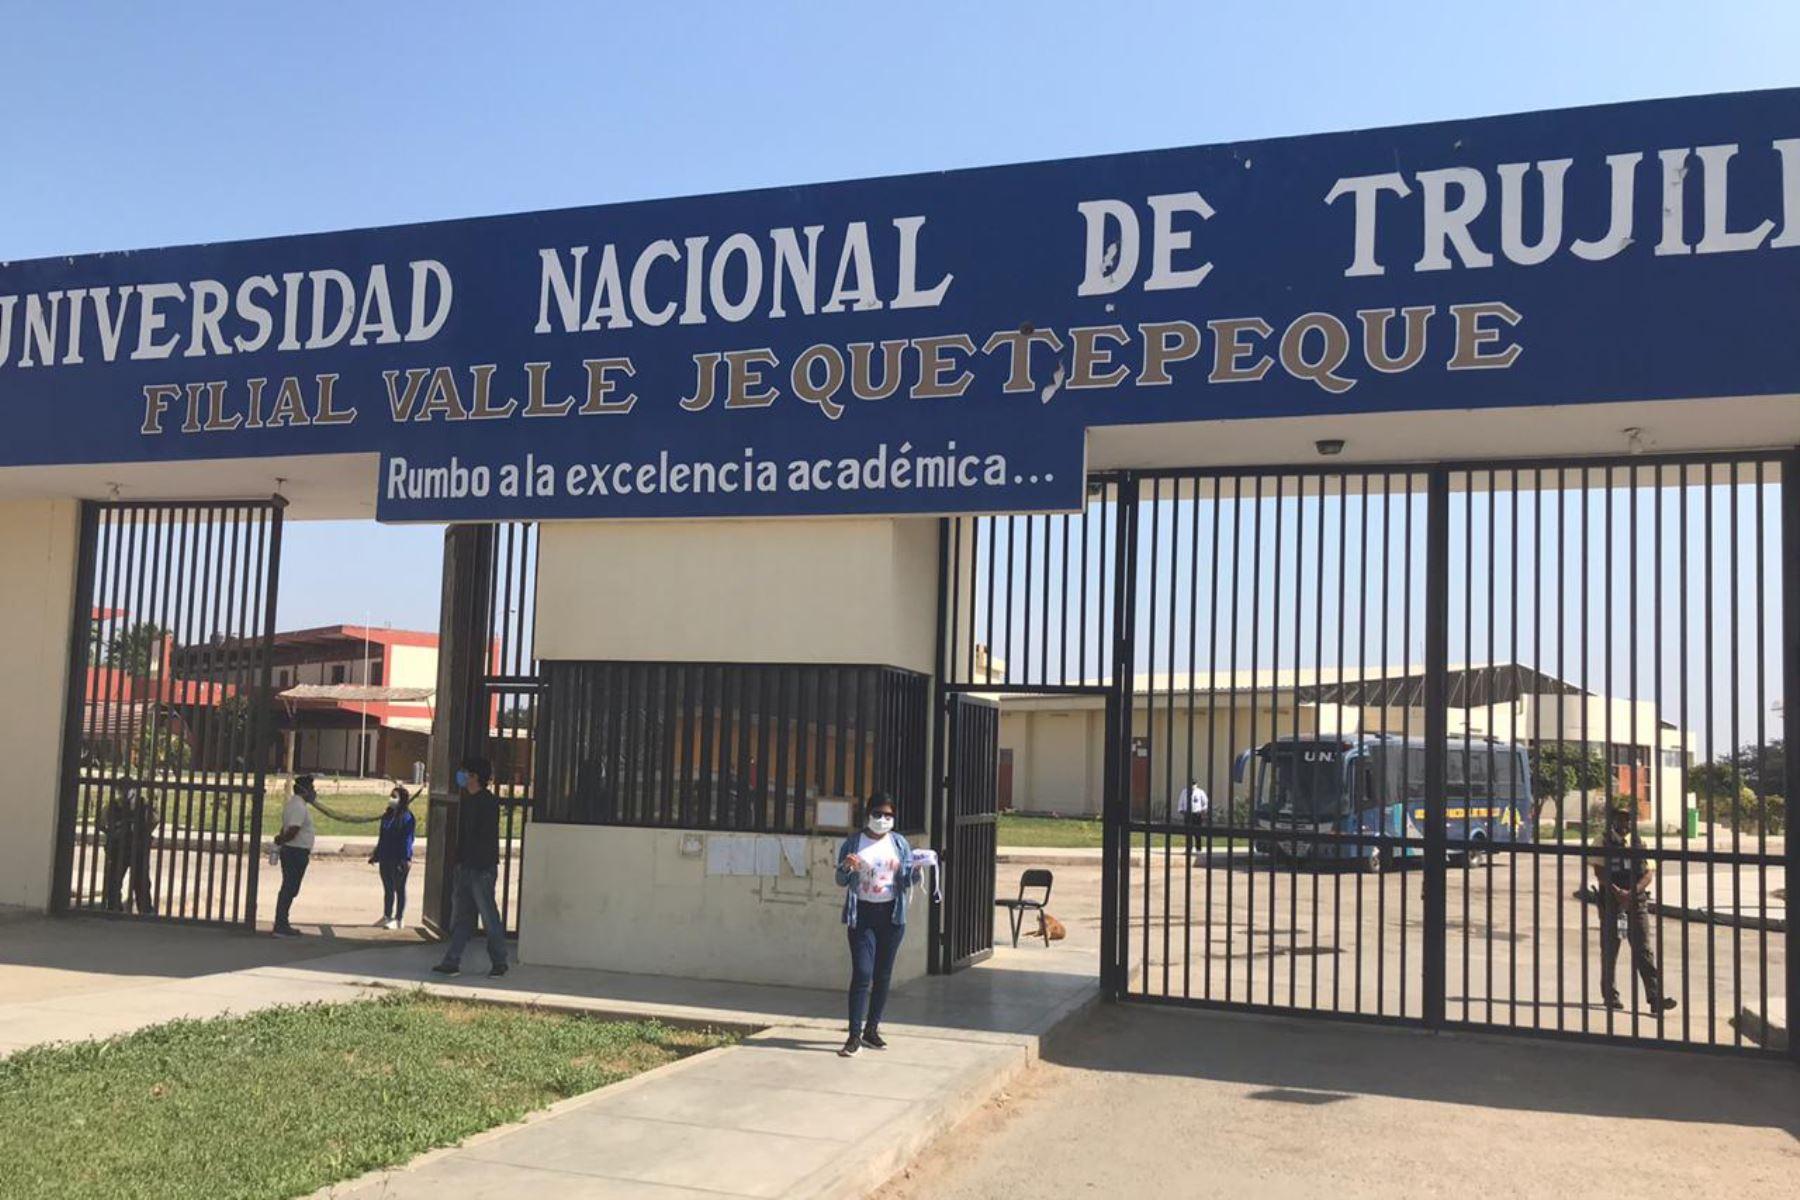 La Universidad Nacional de Trujillo entregó chips con internet a estudiantes de sus filiales de Huamachuco, Santiado de Chuco y el valle de Jequetepeque. Foto: Cortesía Luis Puell